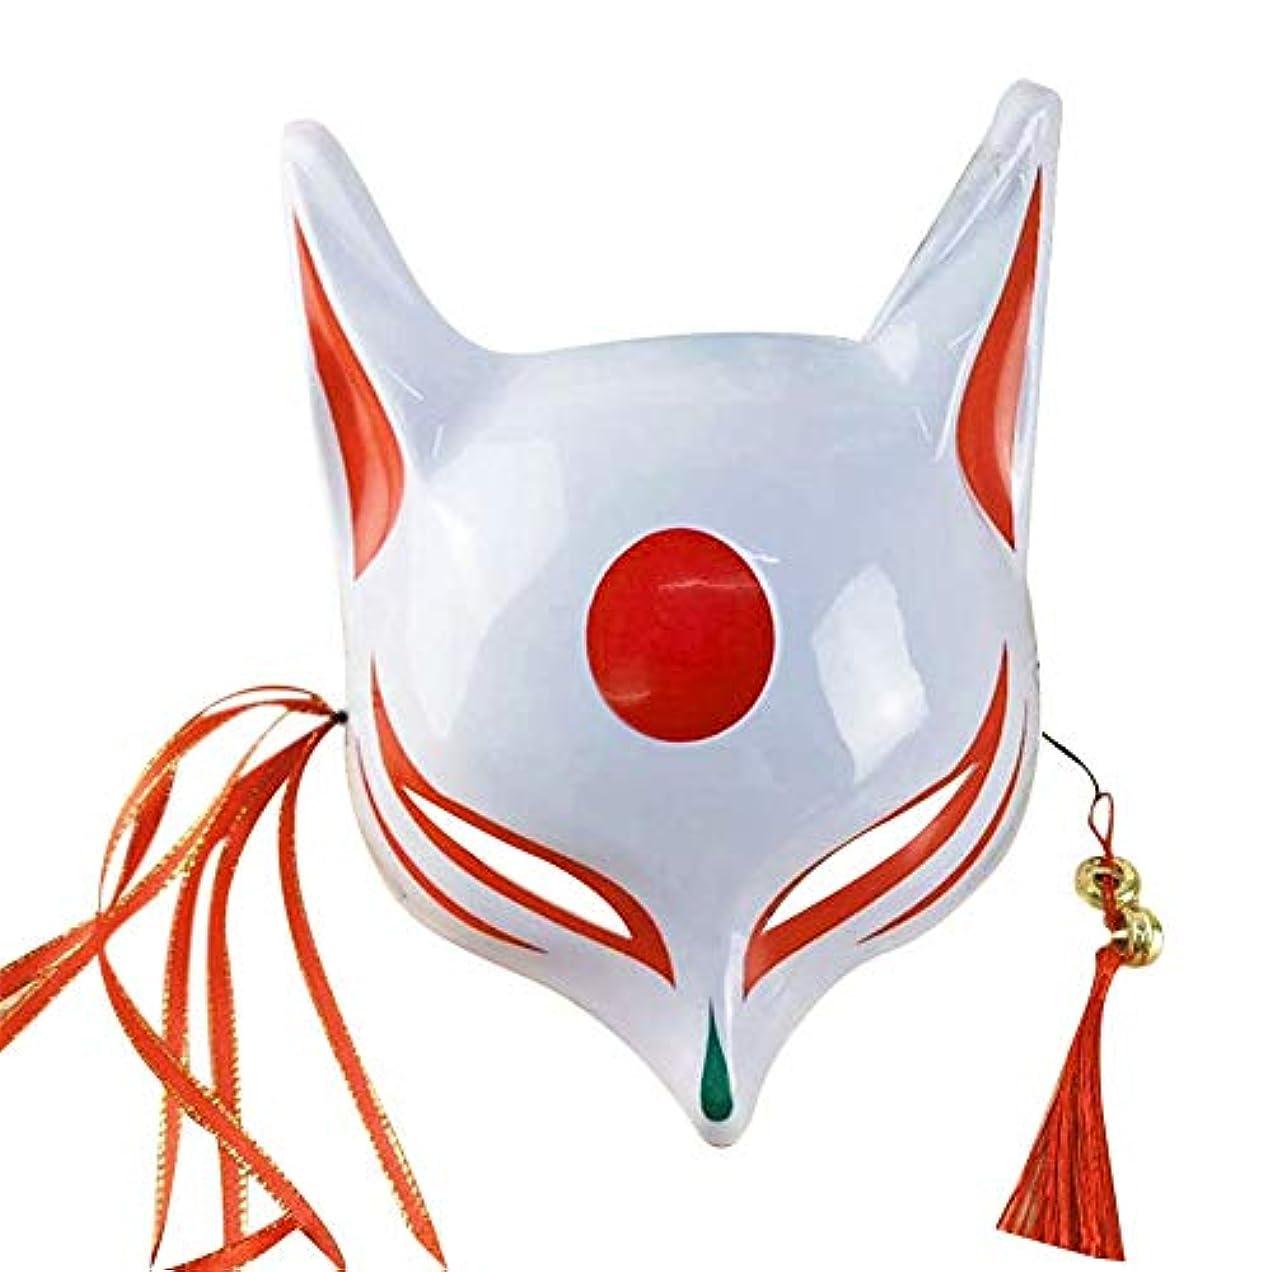 ソースぐるぐる看板KISSION手描きのマスクフォックスハーフフェイスマスクロールプレイ仮装ドレスアップ マスクバーパーティー キツネの妖精の半分の顔 和風の手描き